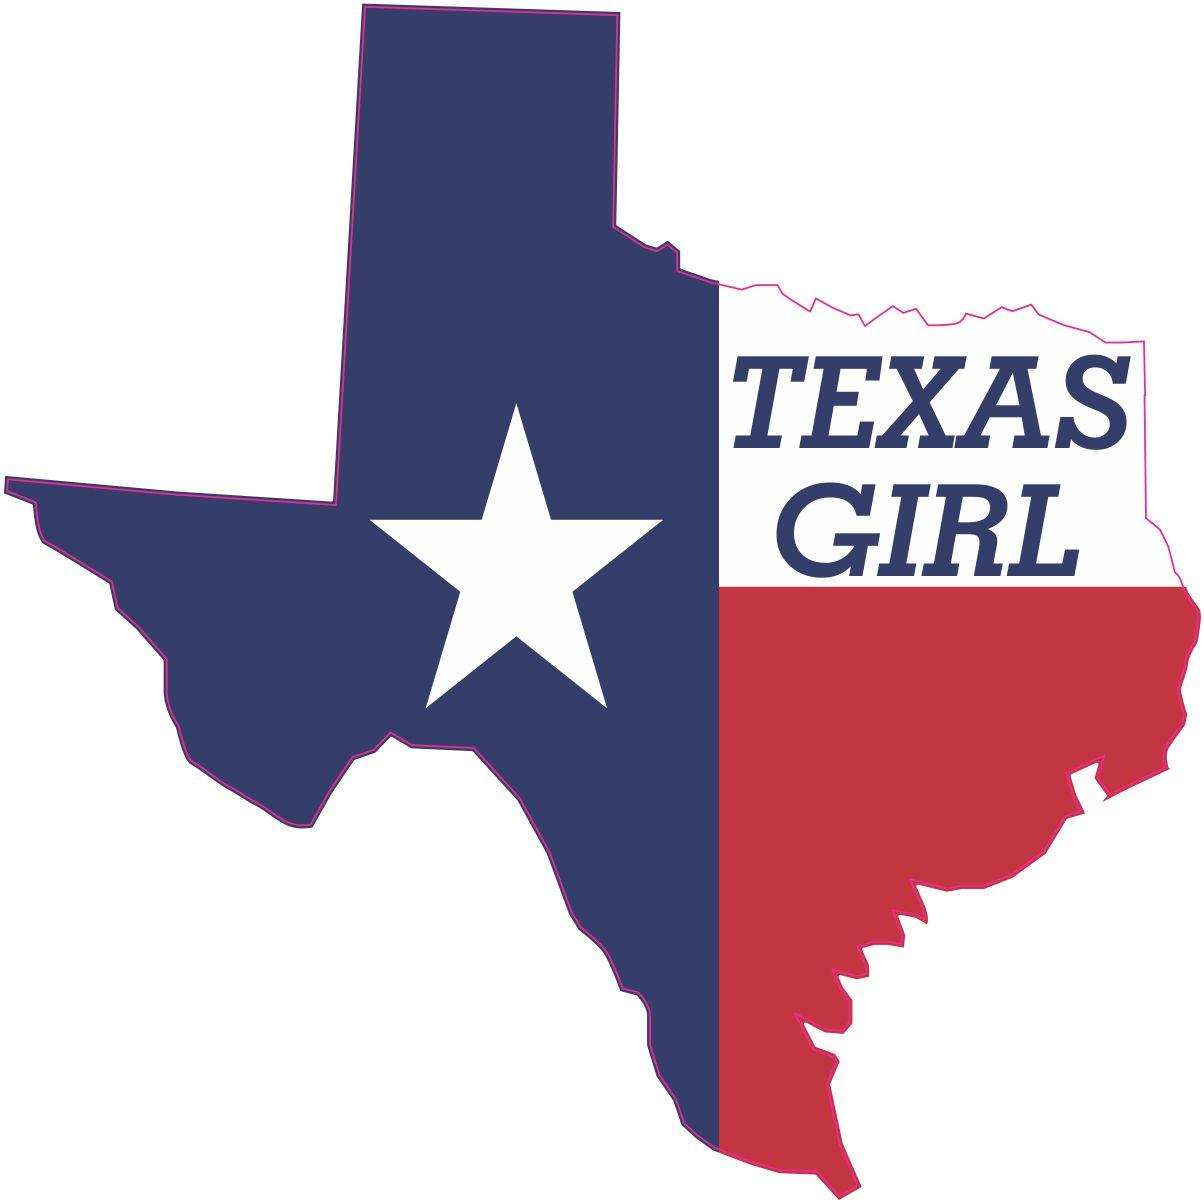 Texas Girl Texas Stickers